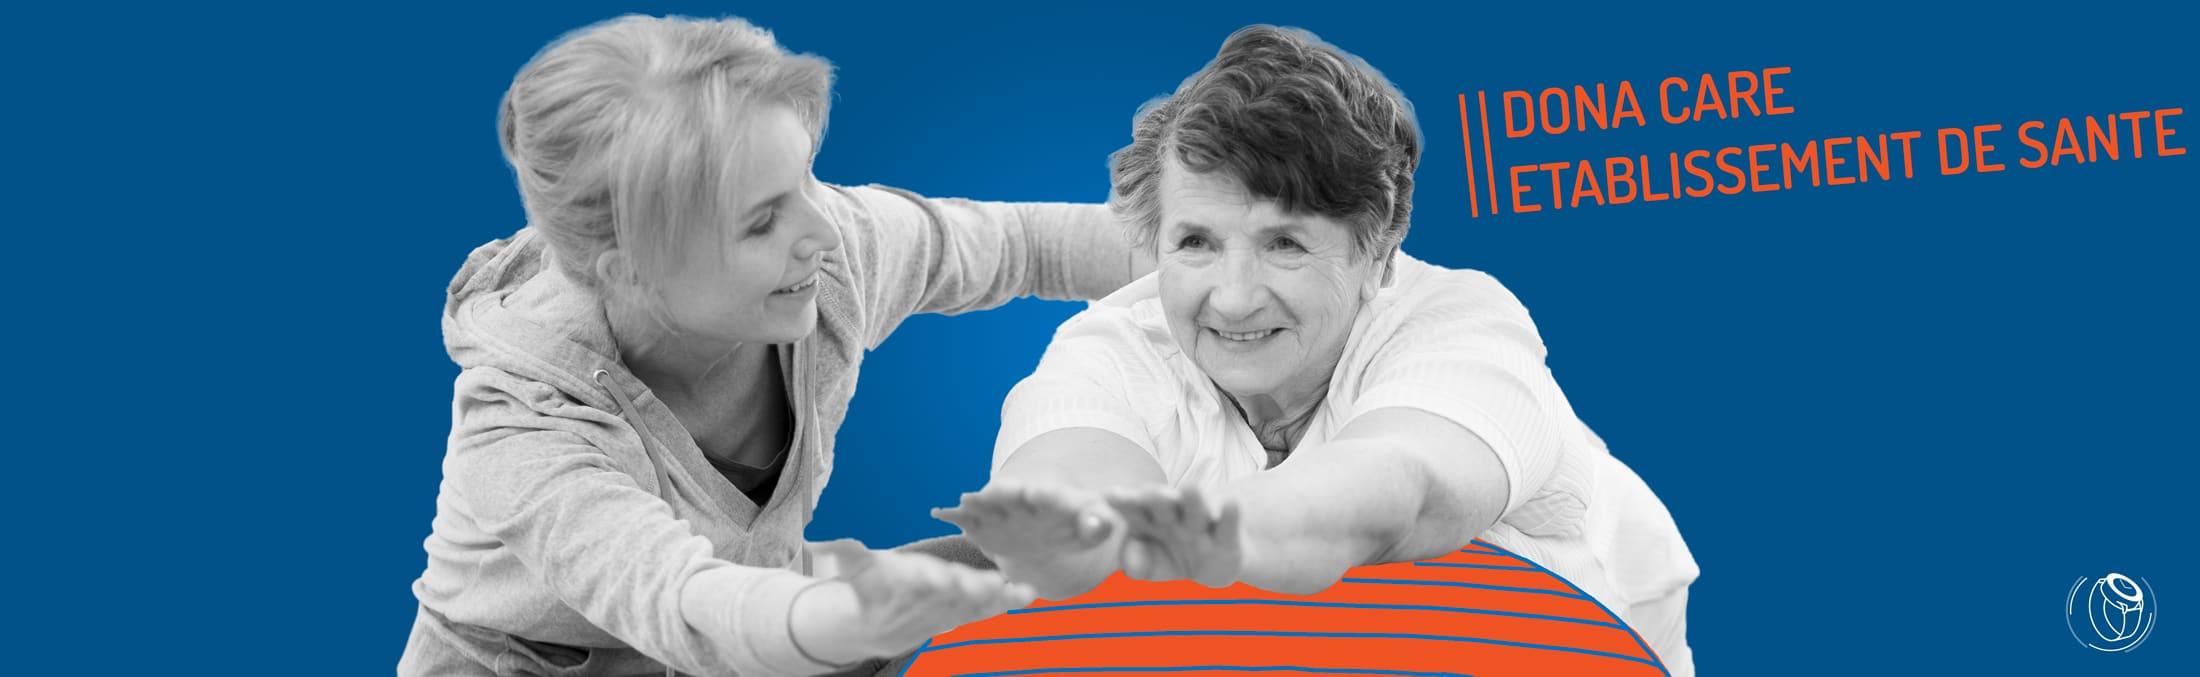 Dona Care détection de chutes en Etablissement de Santé